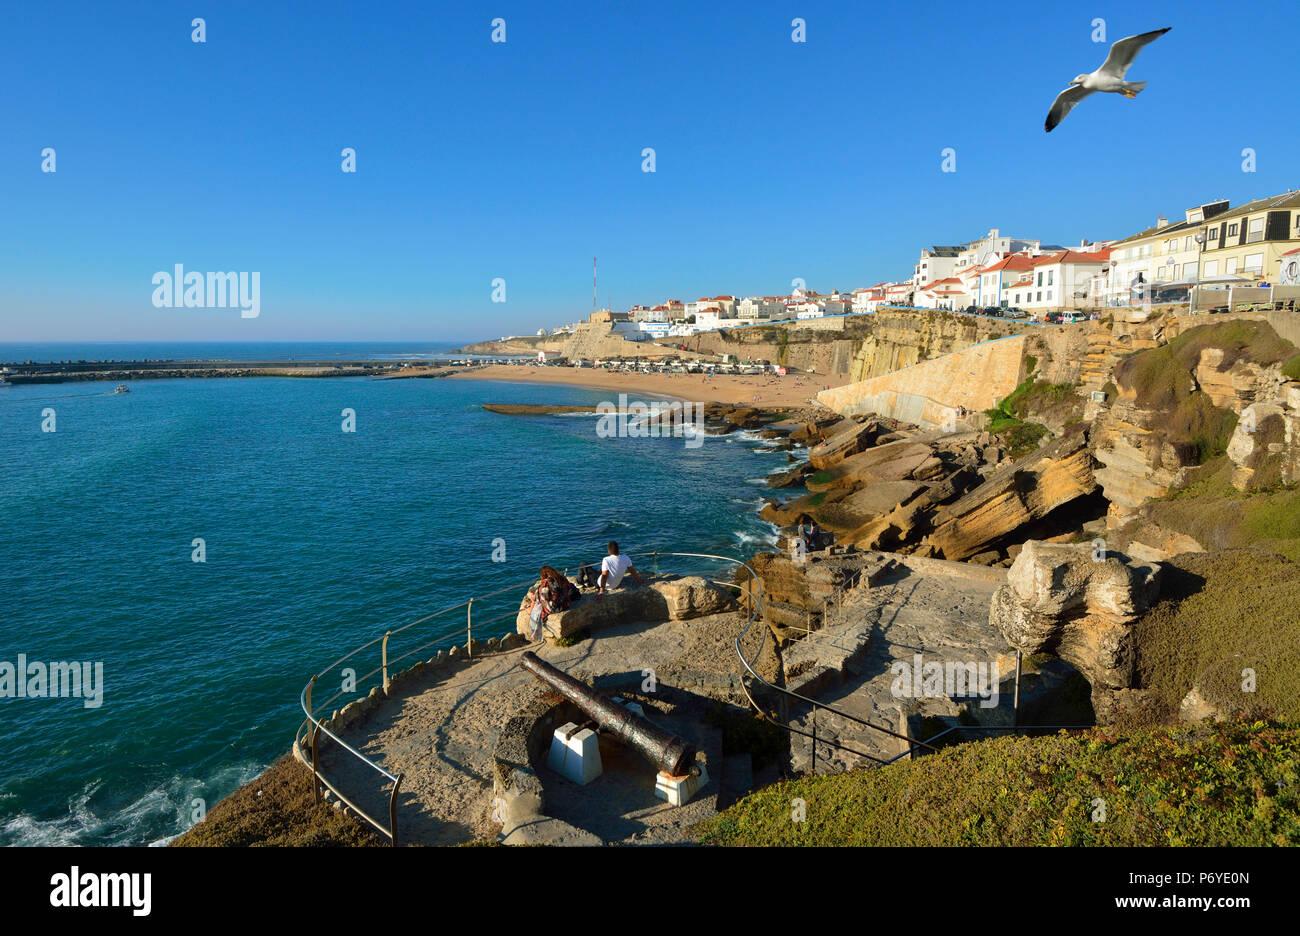 Le village d'Ericeira donnant sur l'océan Atlantique. Portugal (MR) Photo Stock